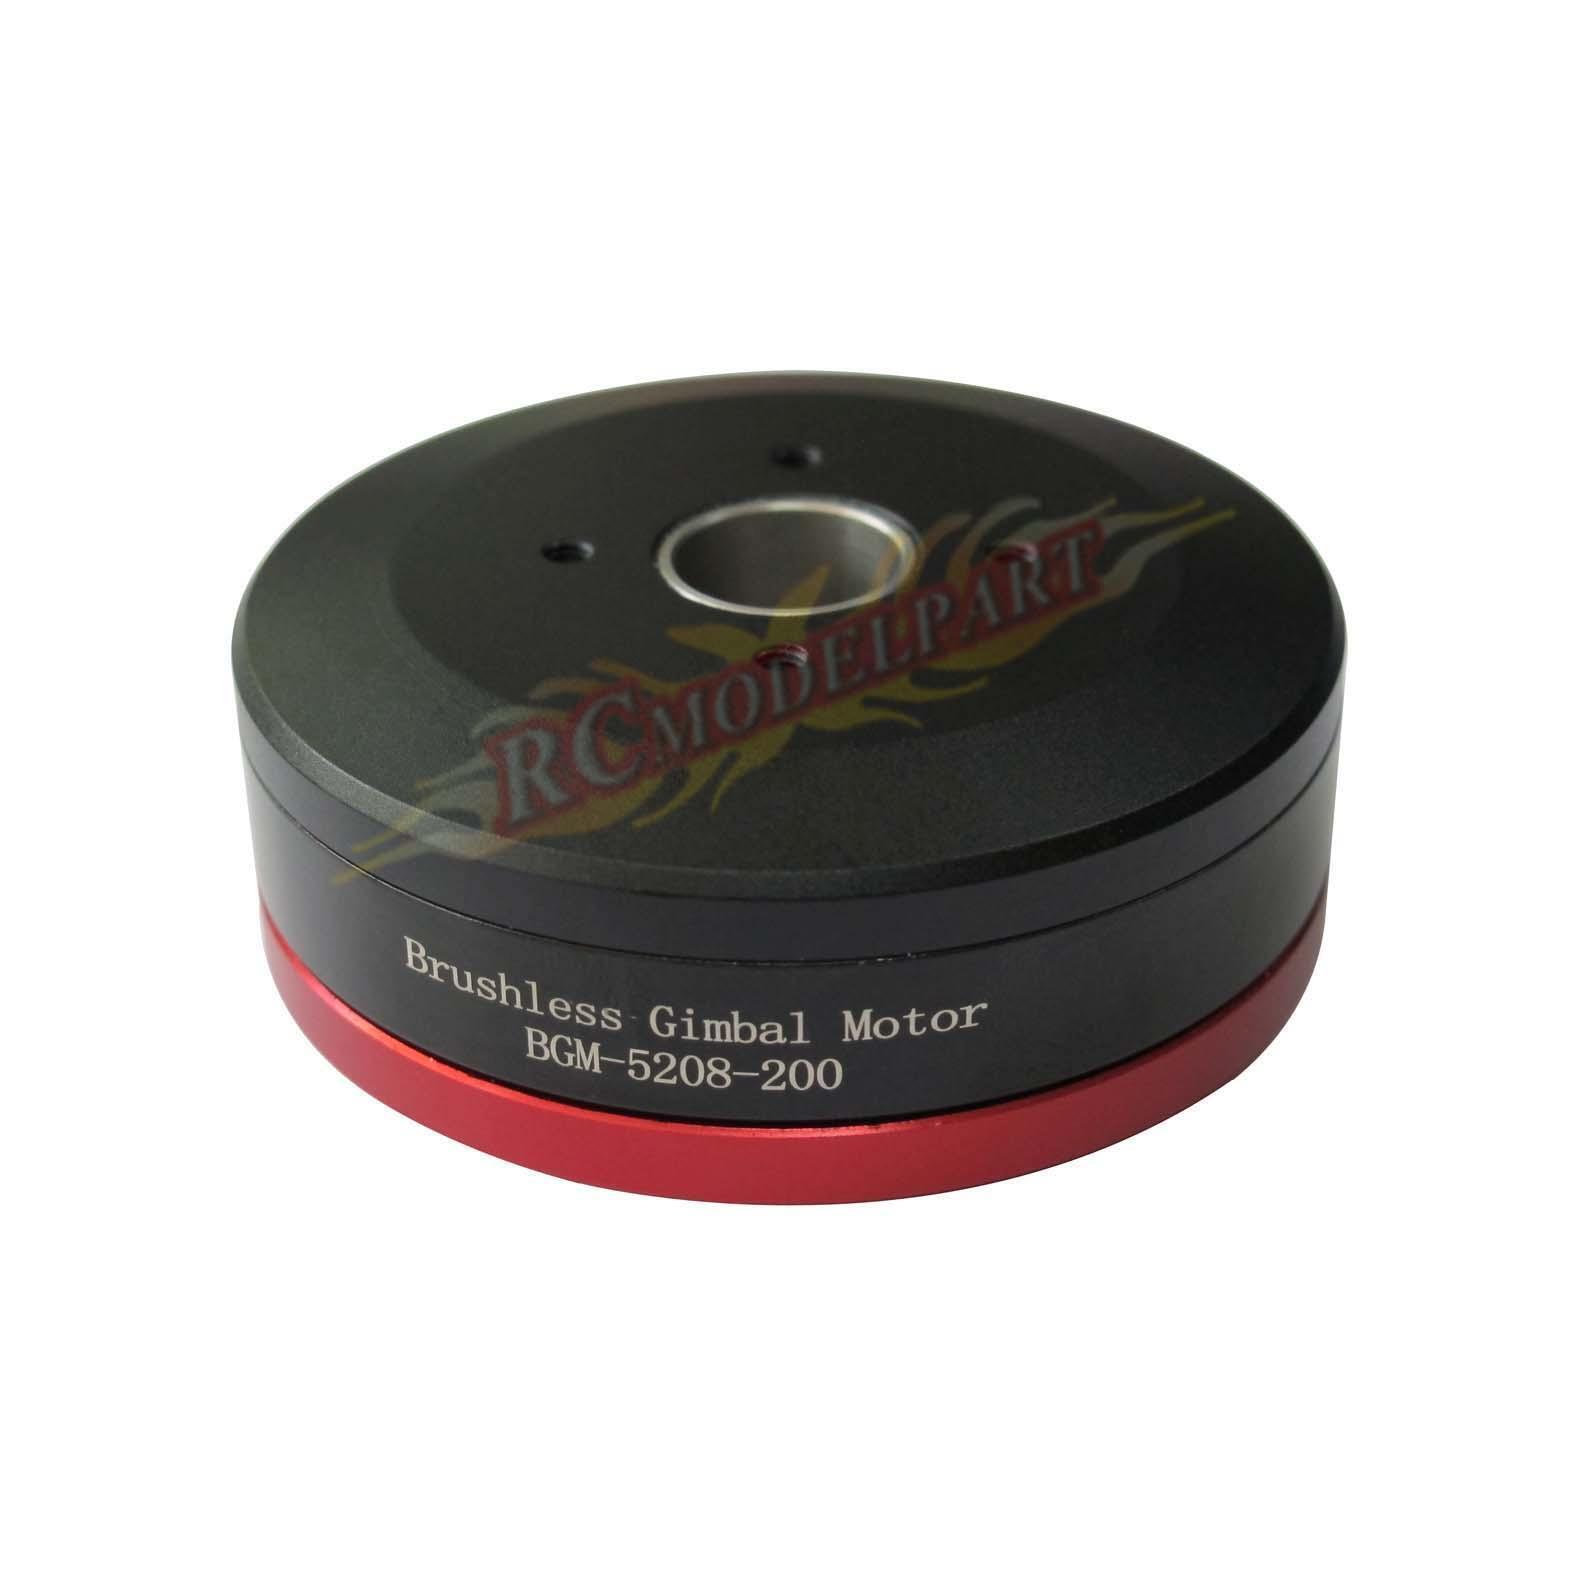 BGM5208-200T-12 HS Brushless Gimbal Motor for DSLR 5D2 5D3 Camera Mount DIY